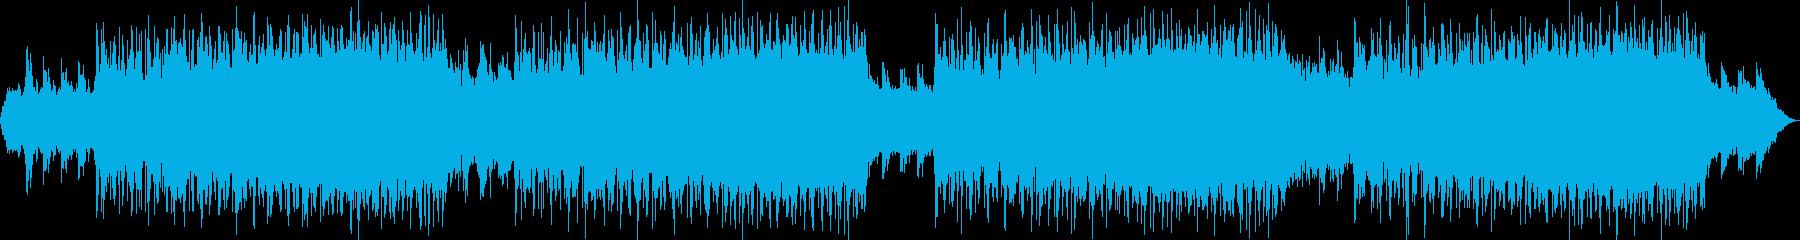 ホラーゲーム/映画のオープニングBGMの再生済みの波形